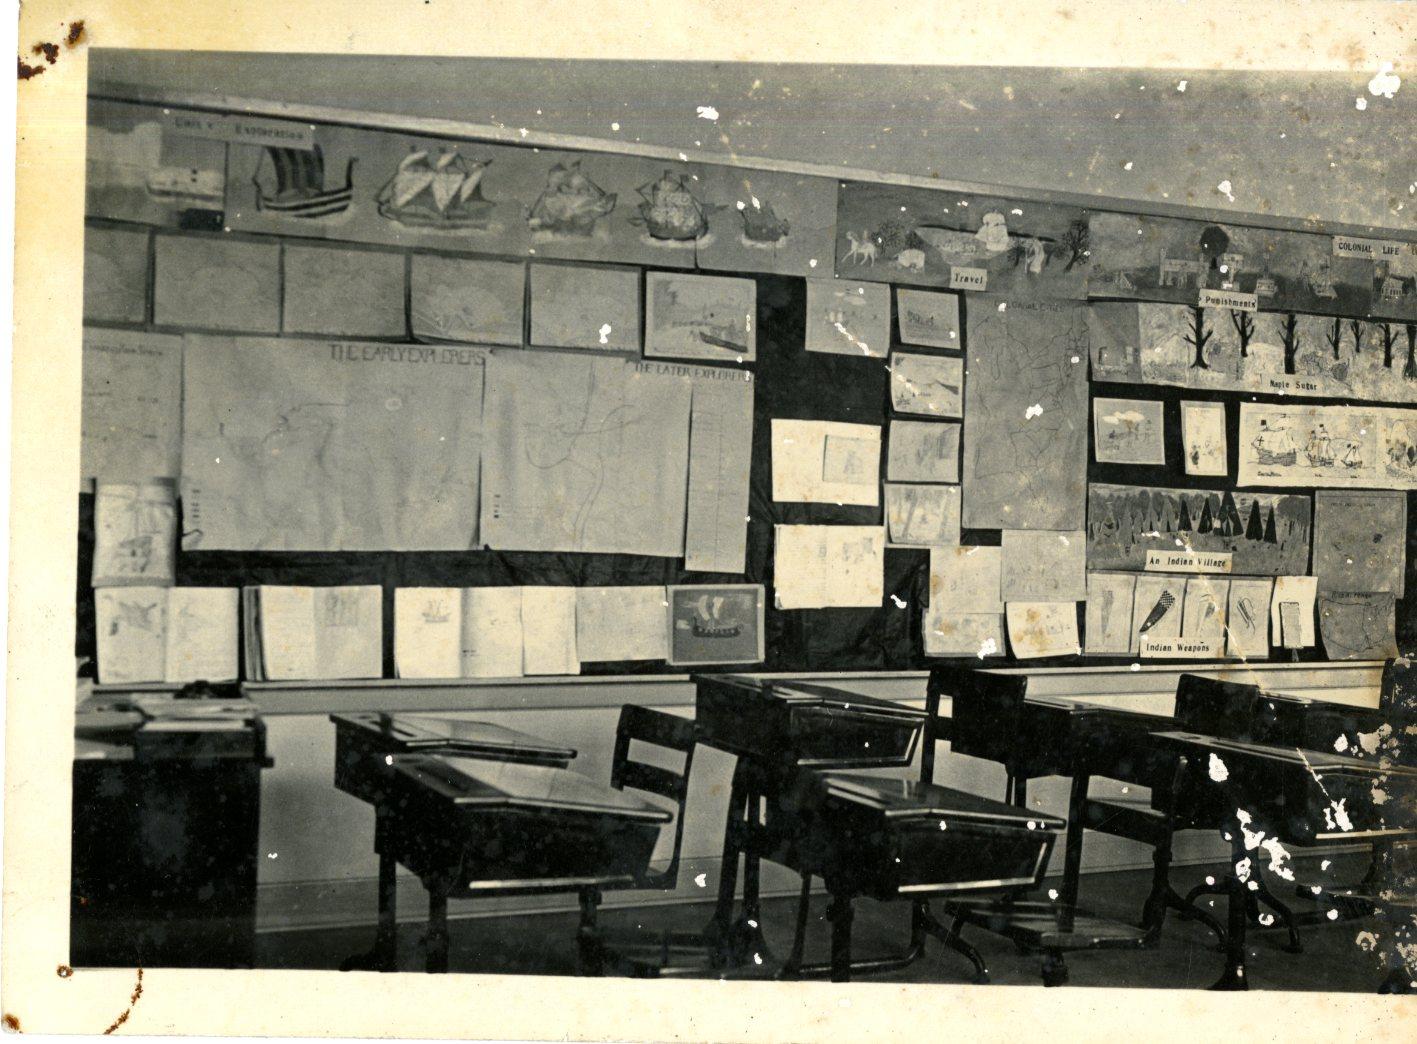 Desks in the Class Room